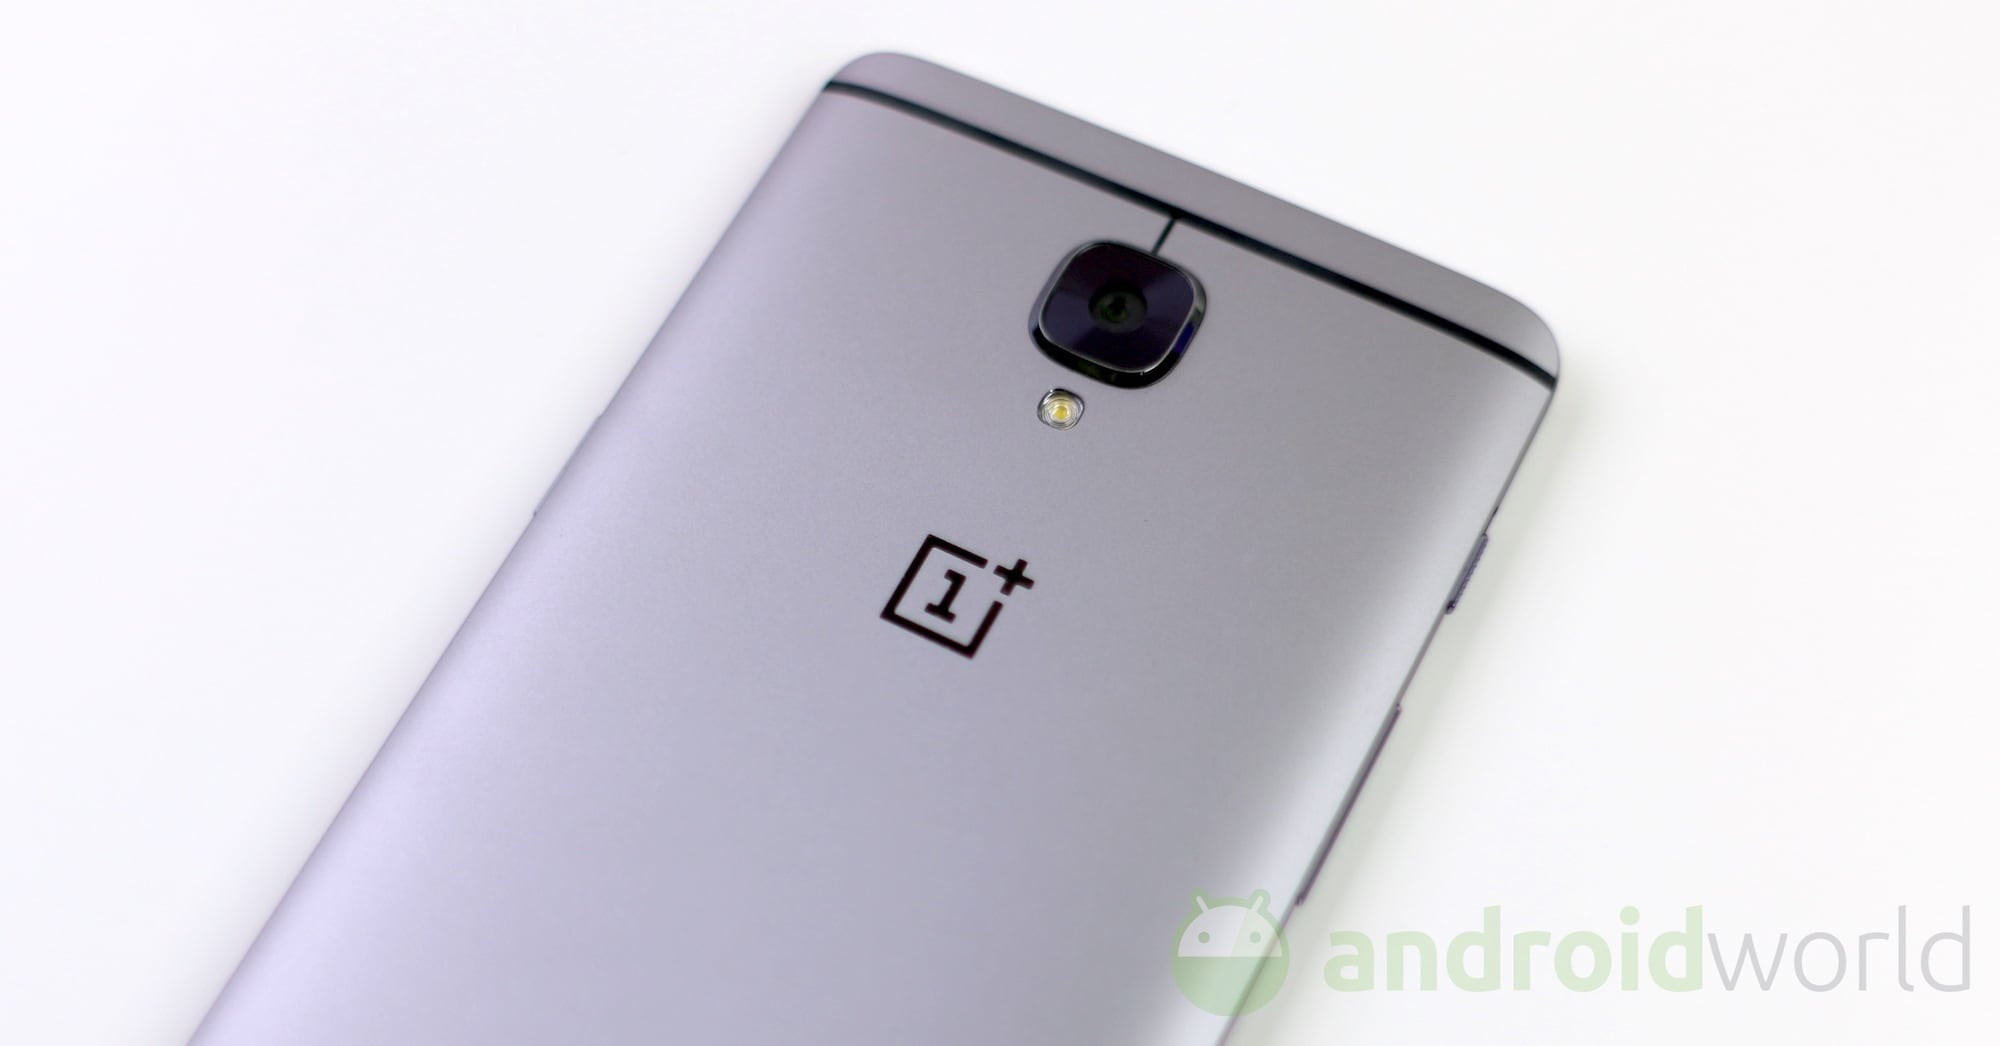 OnePlus 3: spedizioni rimandate a fine ottobre, modello Soft Gold già esaurito